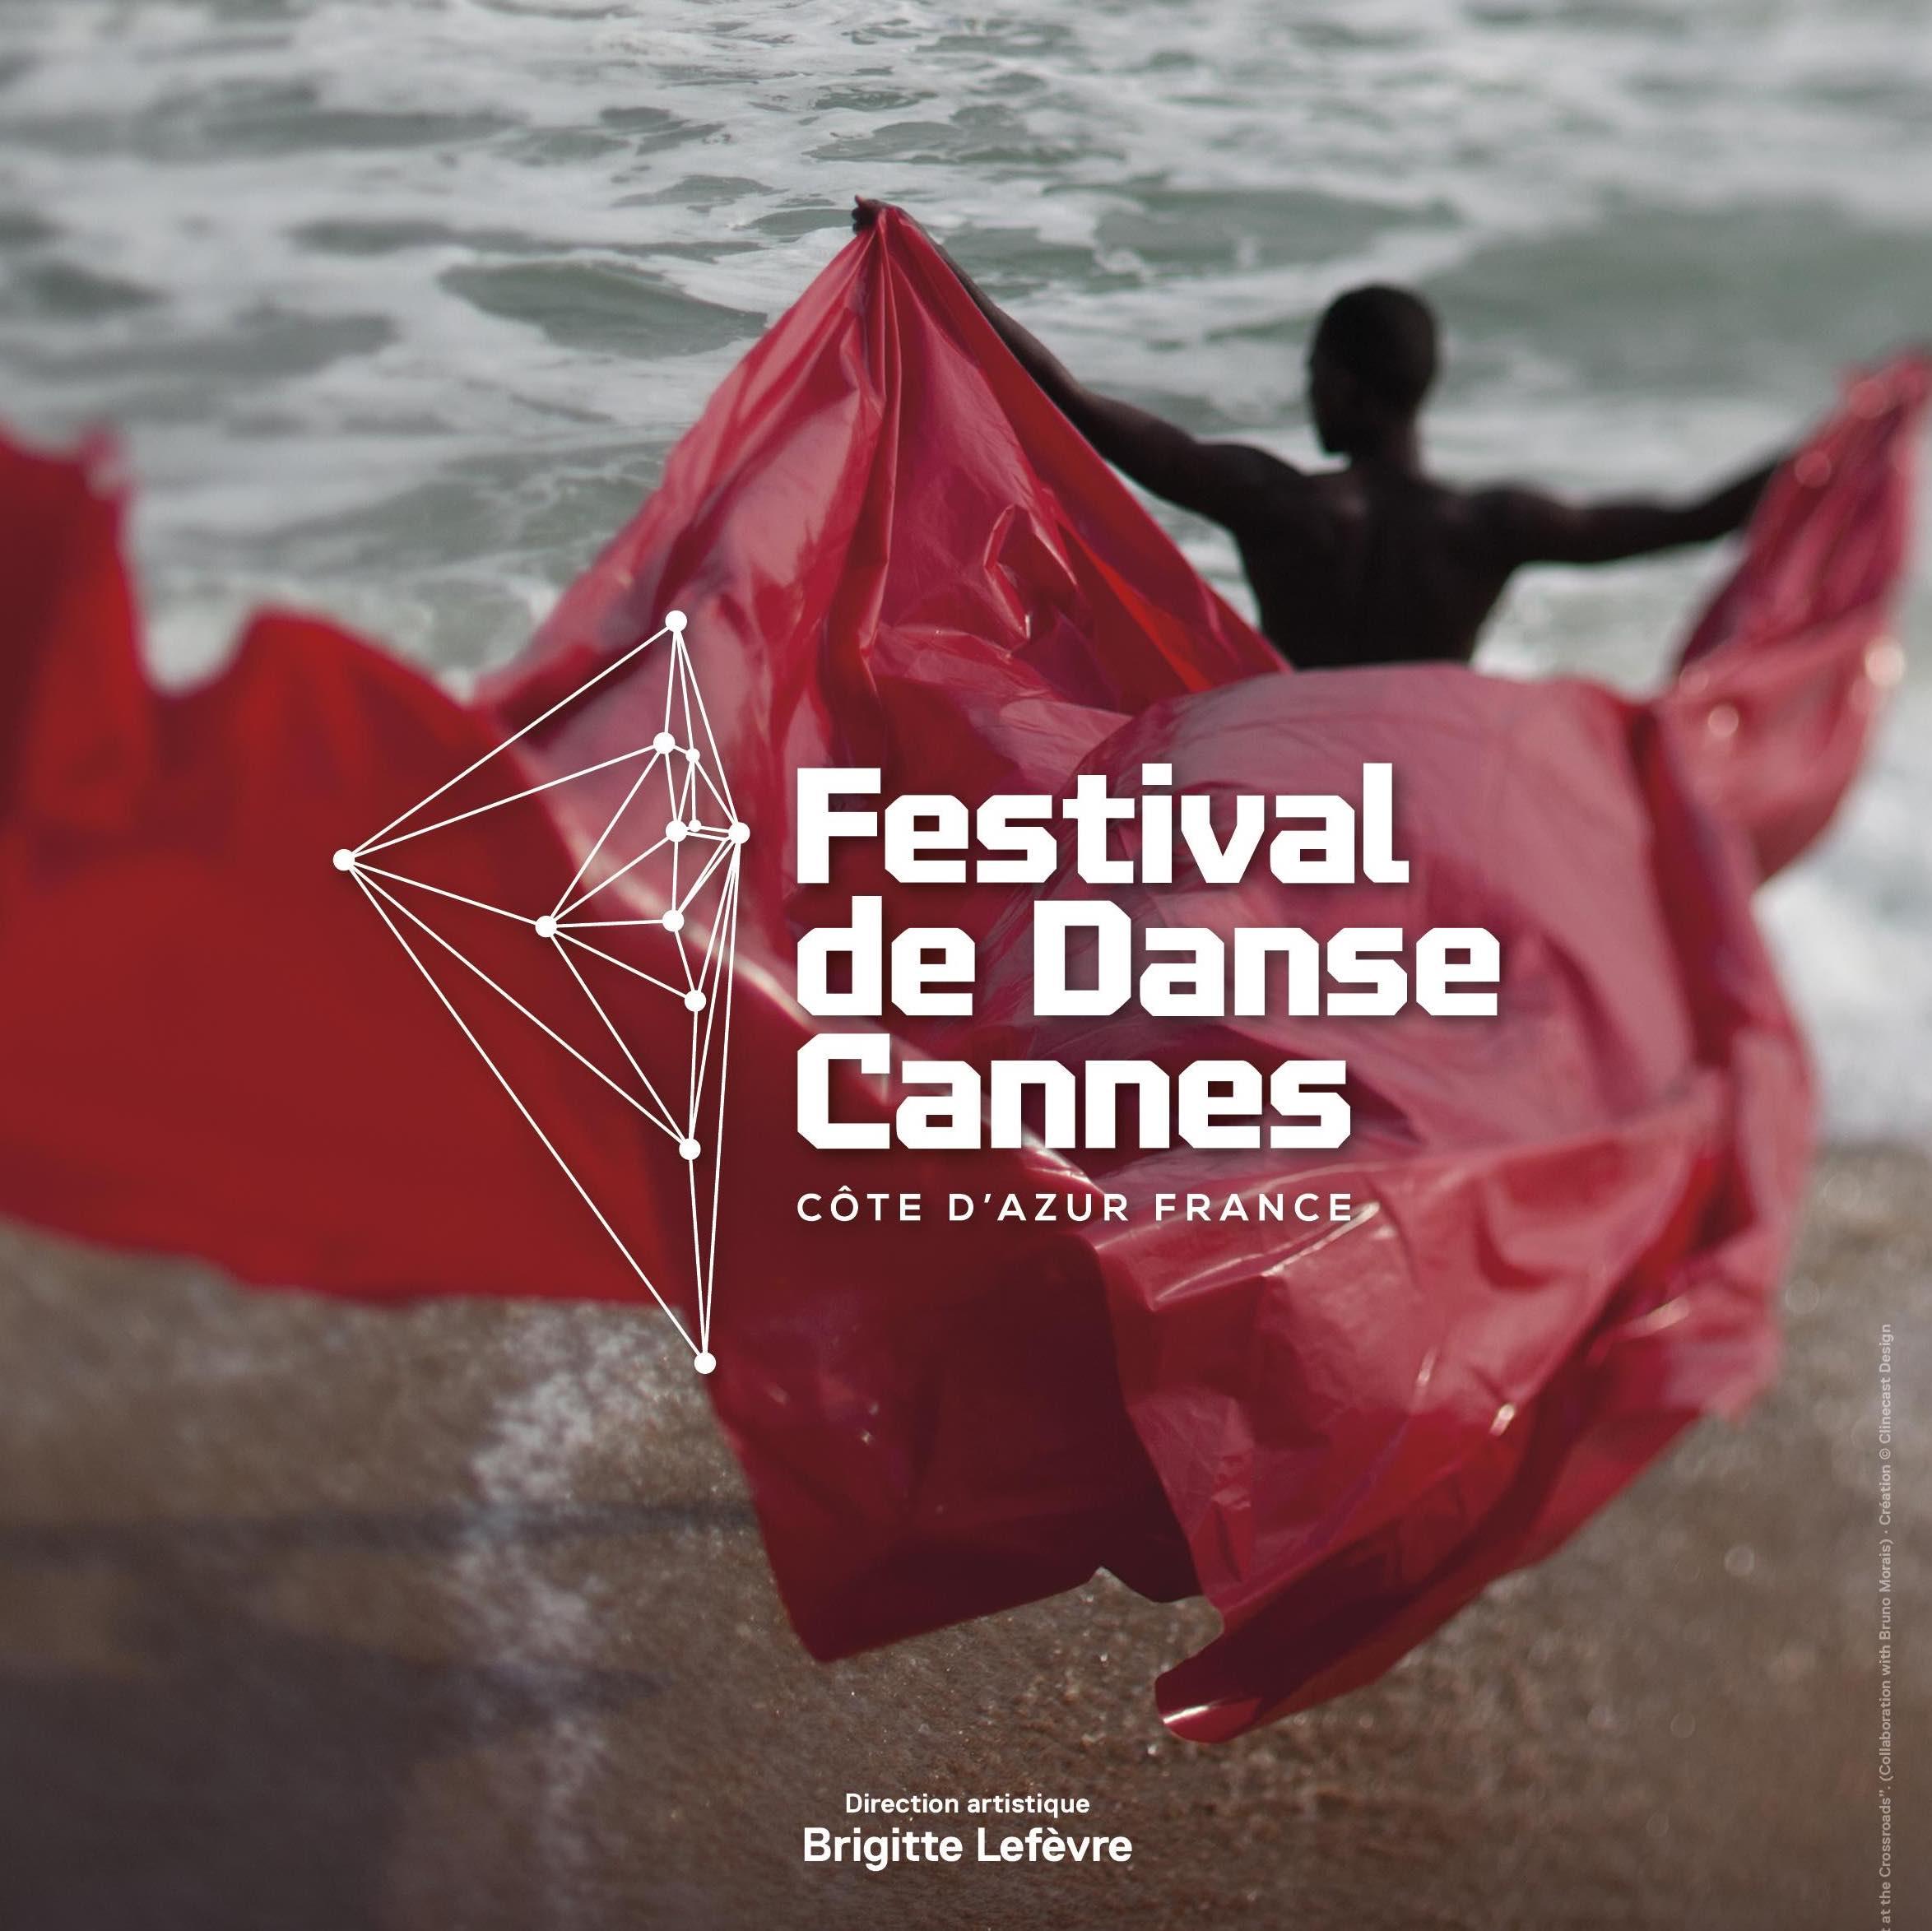 Archivé: Festival de danse de Cannes